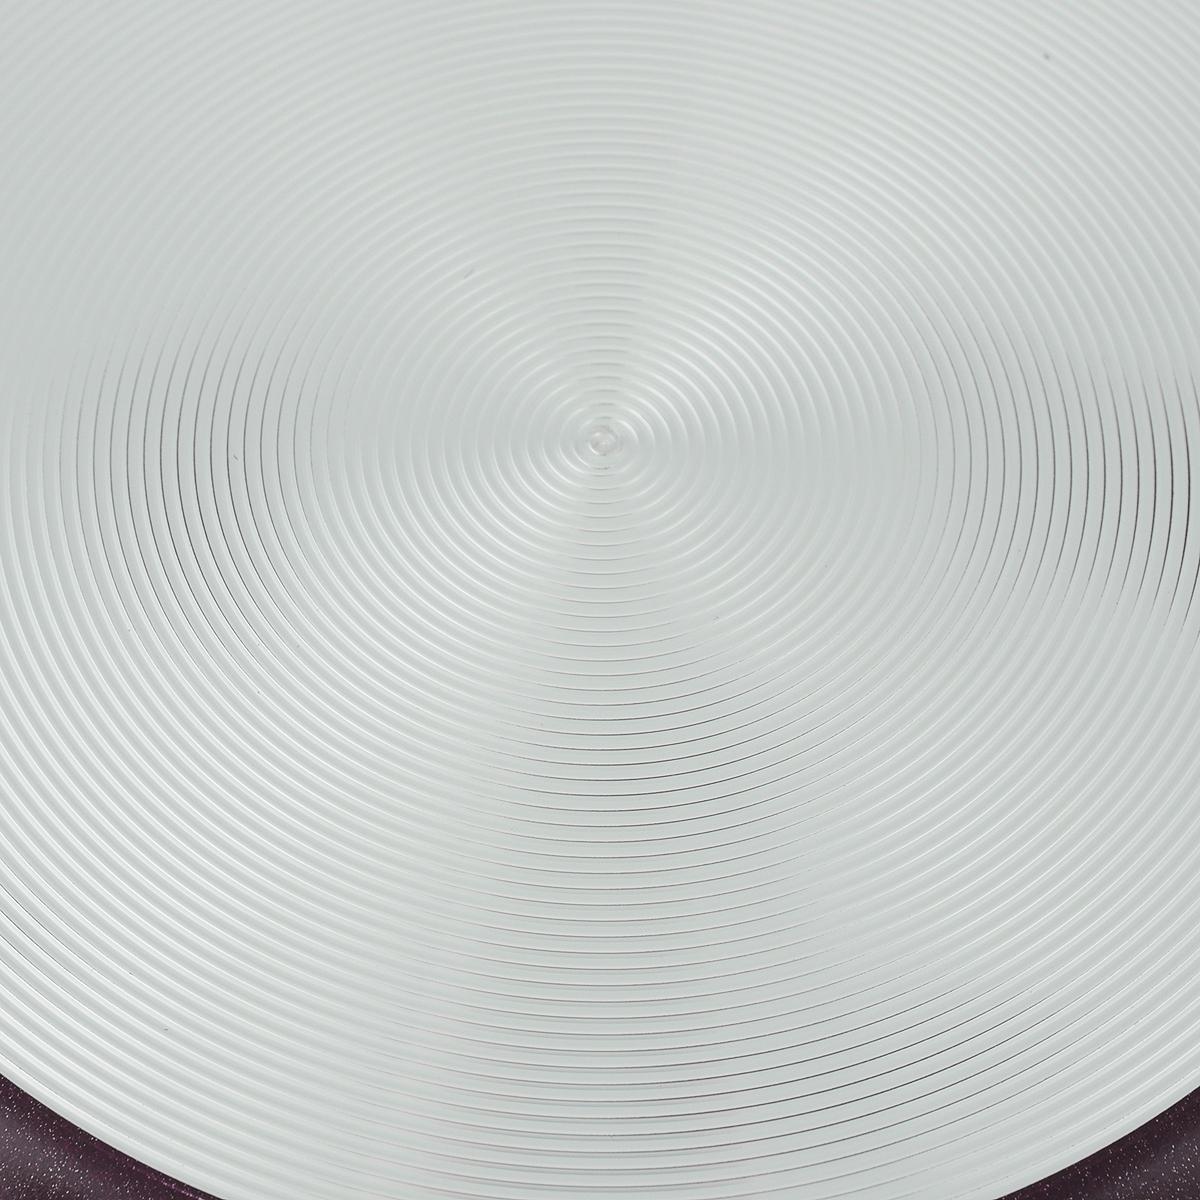 """Сковорода Калитва """"Кружево"""" изготовлена из алюминия с антипригарным  покрытием. Благодаря  такому  покрытию, пища не пригорает и не прилипает к стенкам. Материал не содержит  вредных добавок.  Готовить можно с минимальным количеством масла и жиров. Гладкая  поверхность обеспечивает  легкость ухода за посудой. Изделие оснащено удобной съемной ручкой из  пластика, которая не  нагревается.  Сковорода подходит для использования на газовых, электрических и  стеклокерамических плитах,  а также в духовке. Можно мыть в посудомоечной машине. Диаметр сковороды (по верхнему краю): 22 см. Высота стенки: 5 см. Длина ручки: 18 см."""